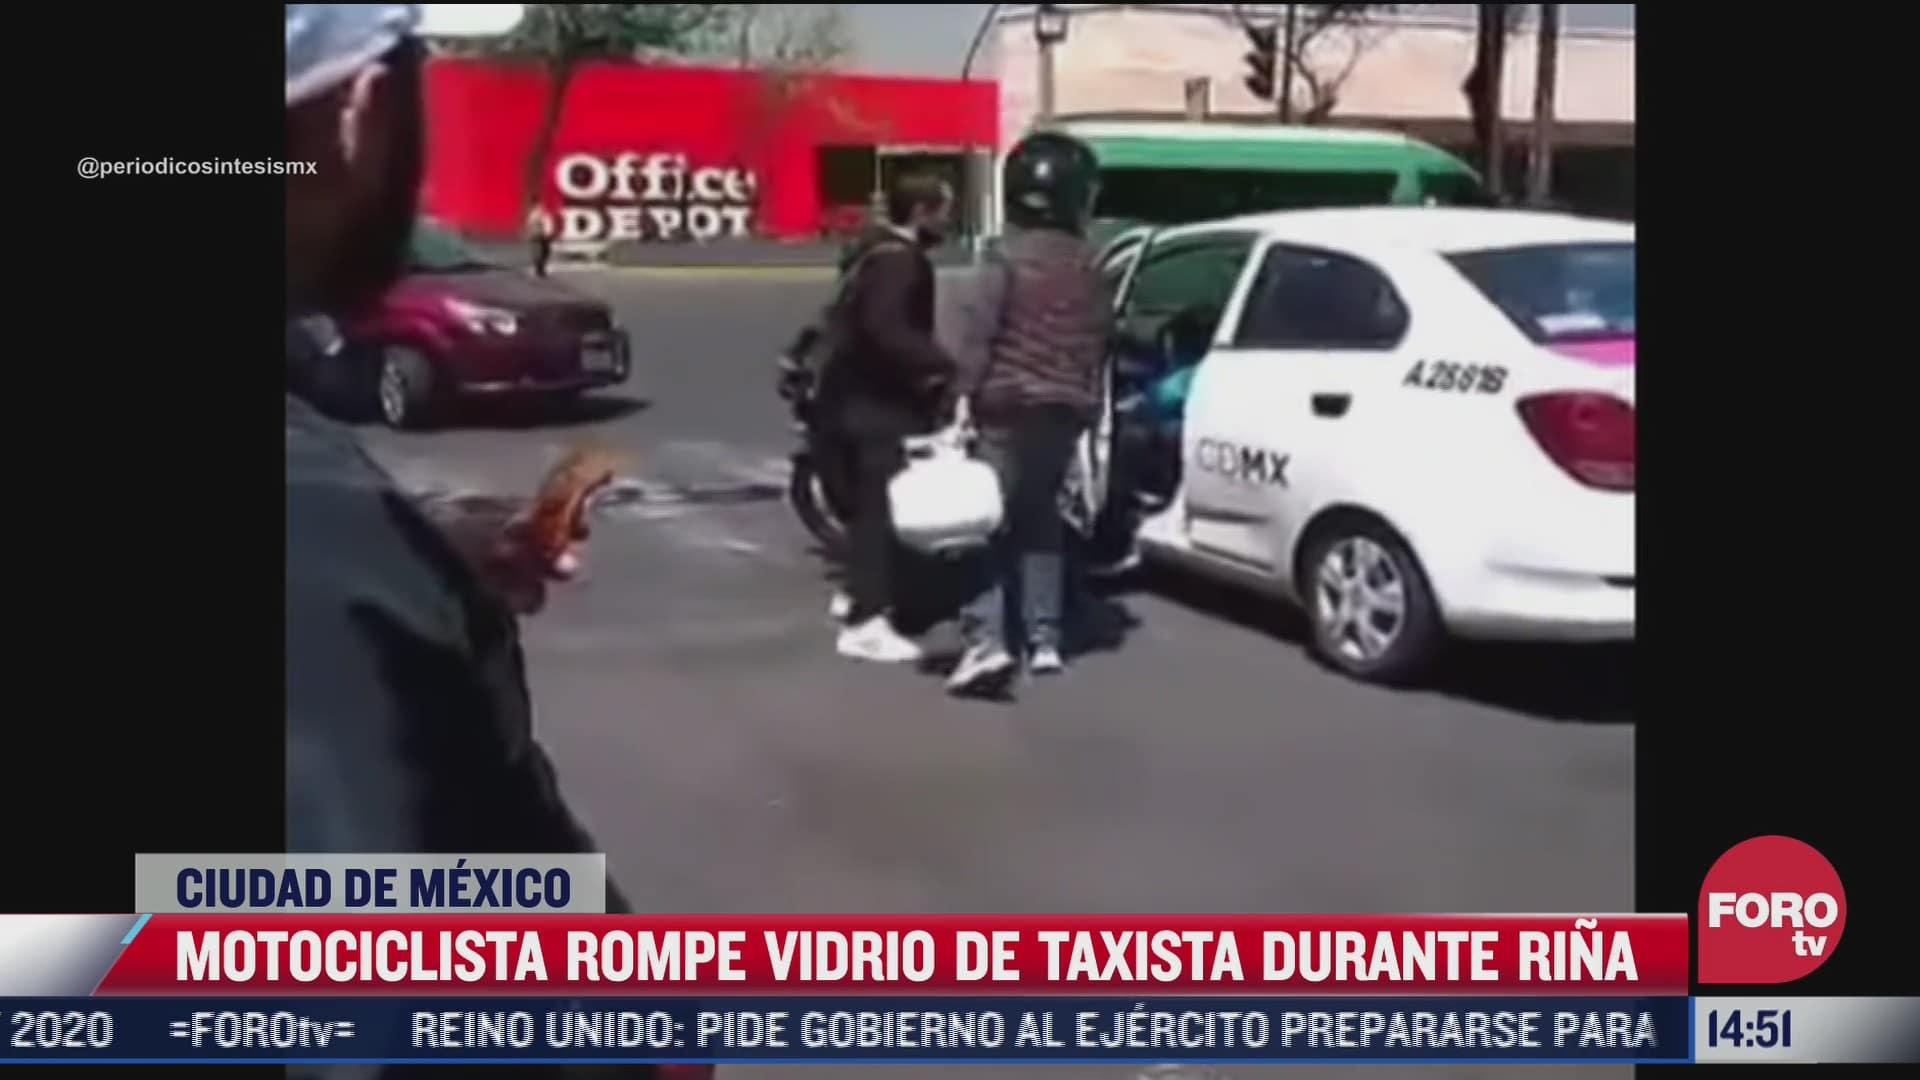 video motociclista rompe vidrio de taxista con tanque de gas